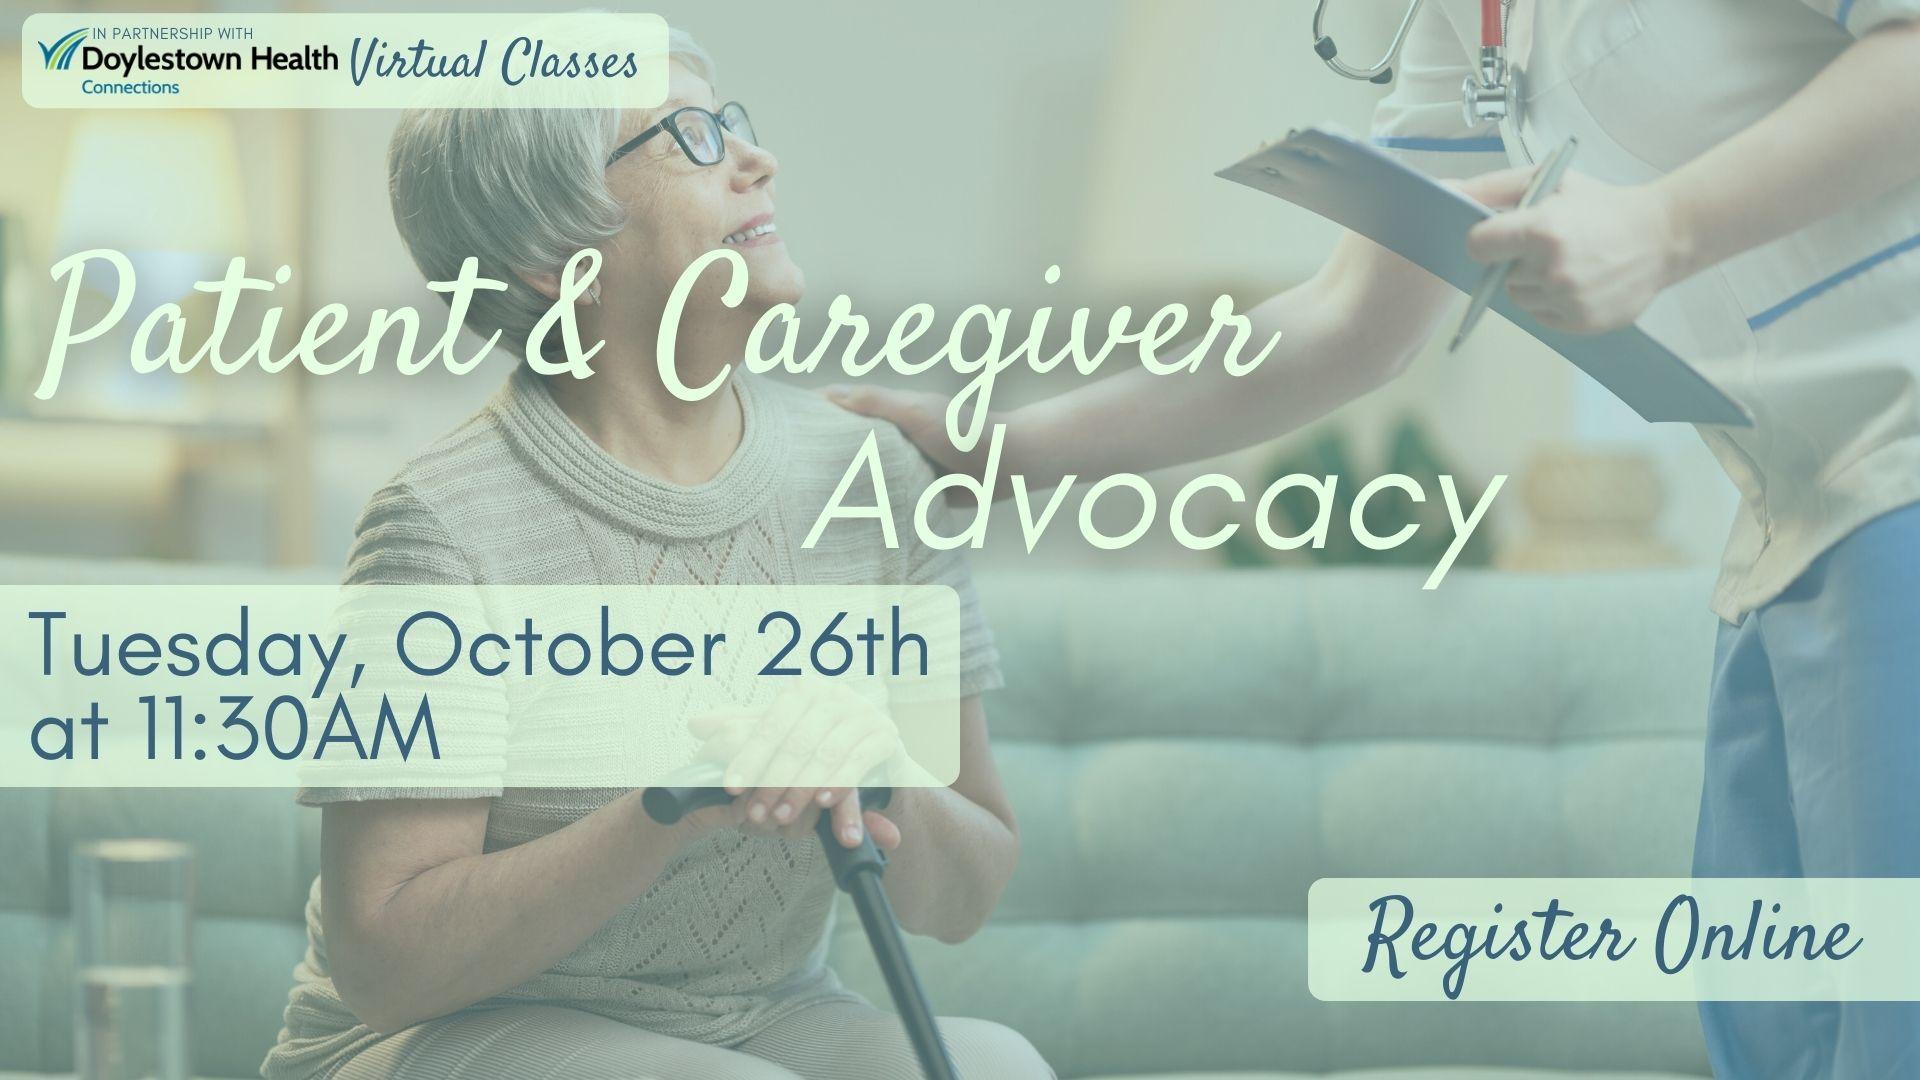 Patient & Caregiver Advocacy